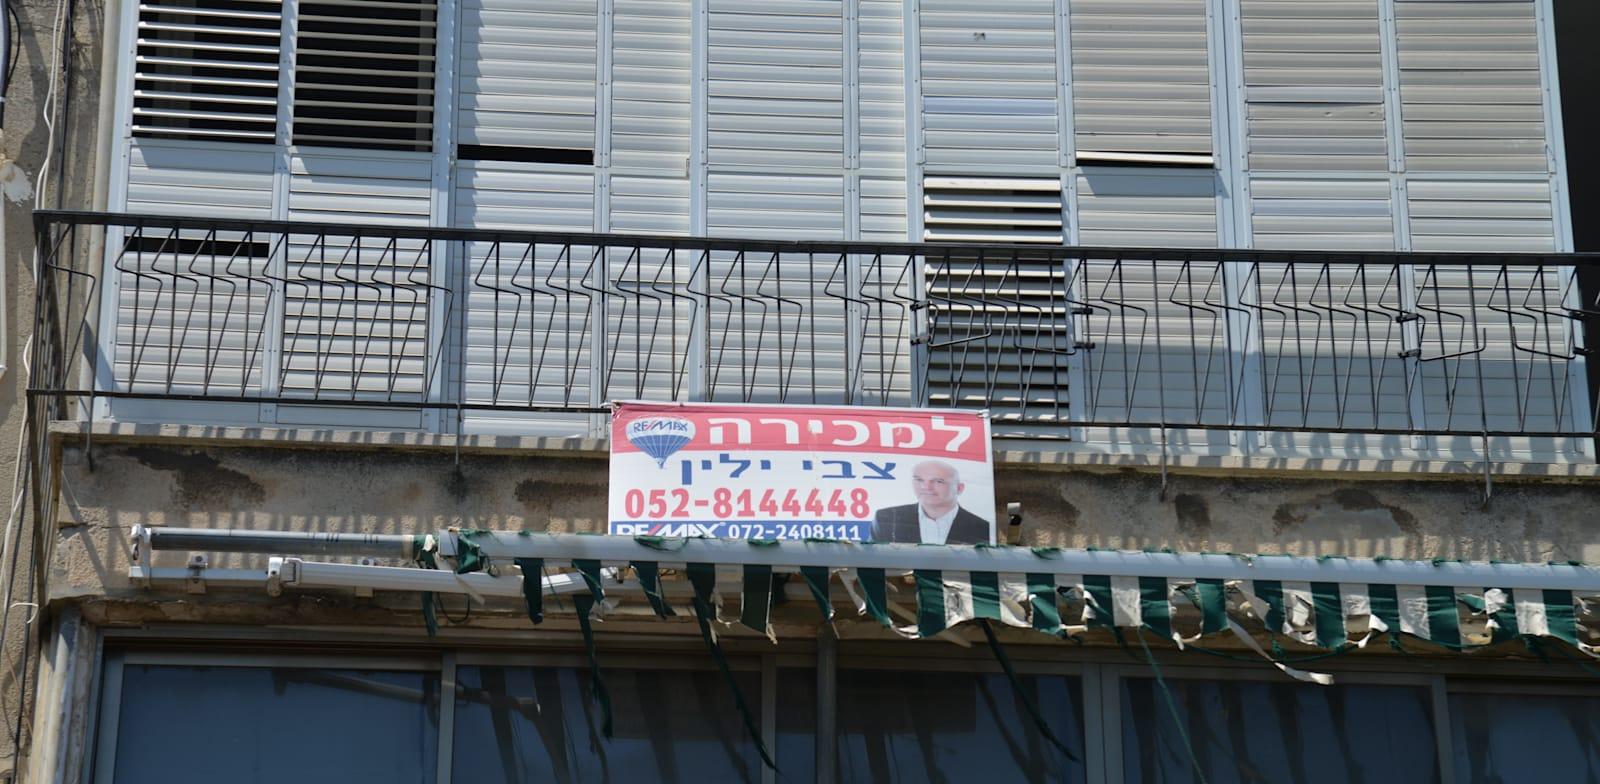 שלט דירה למכירה / צילום: תמר מצפי